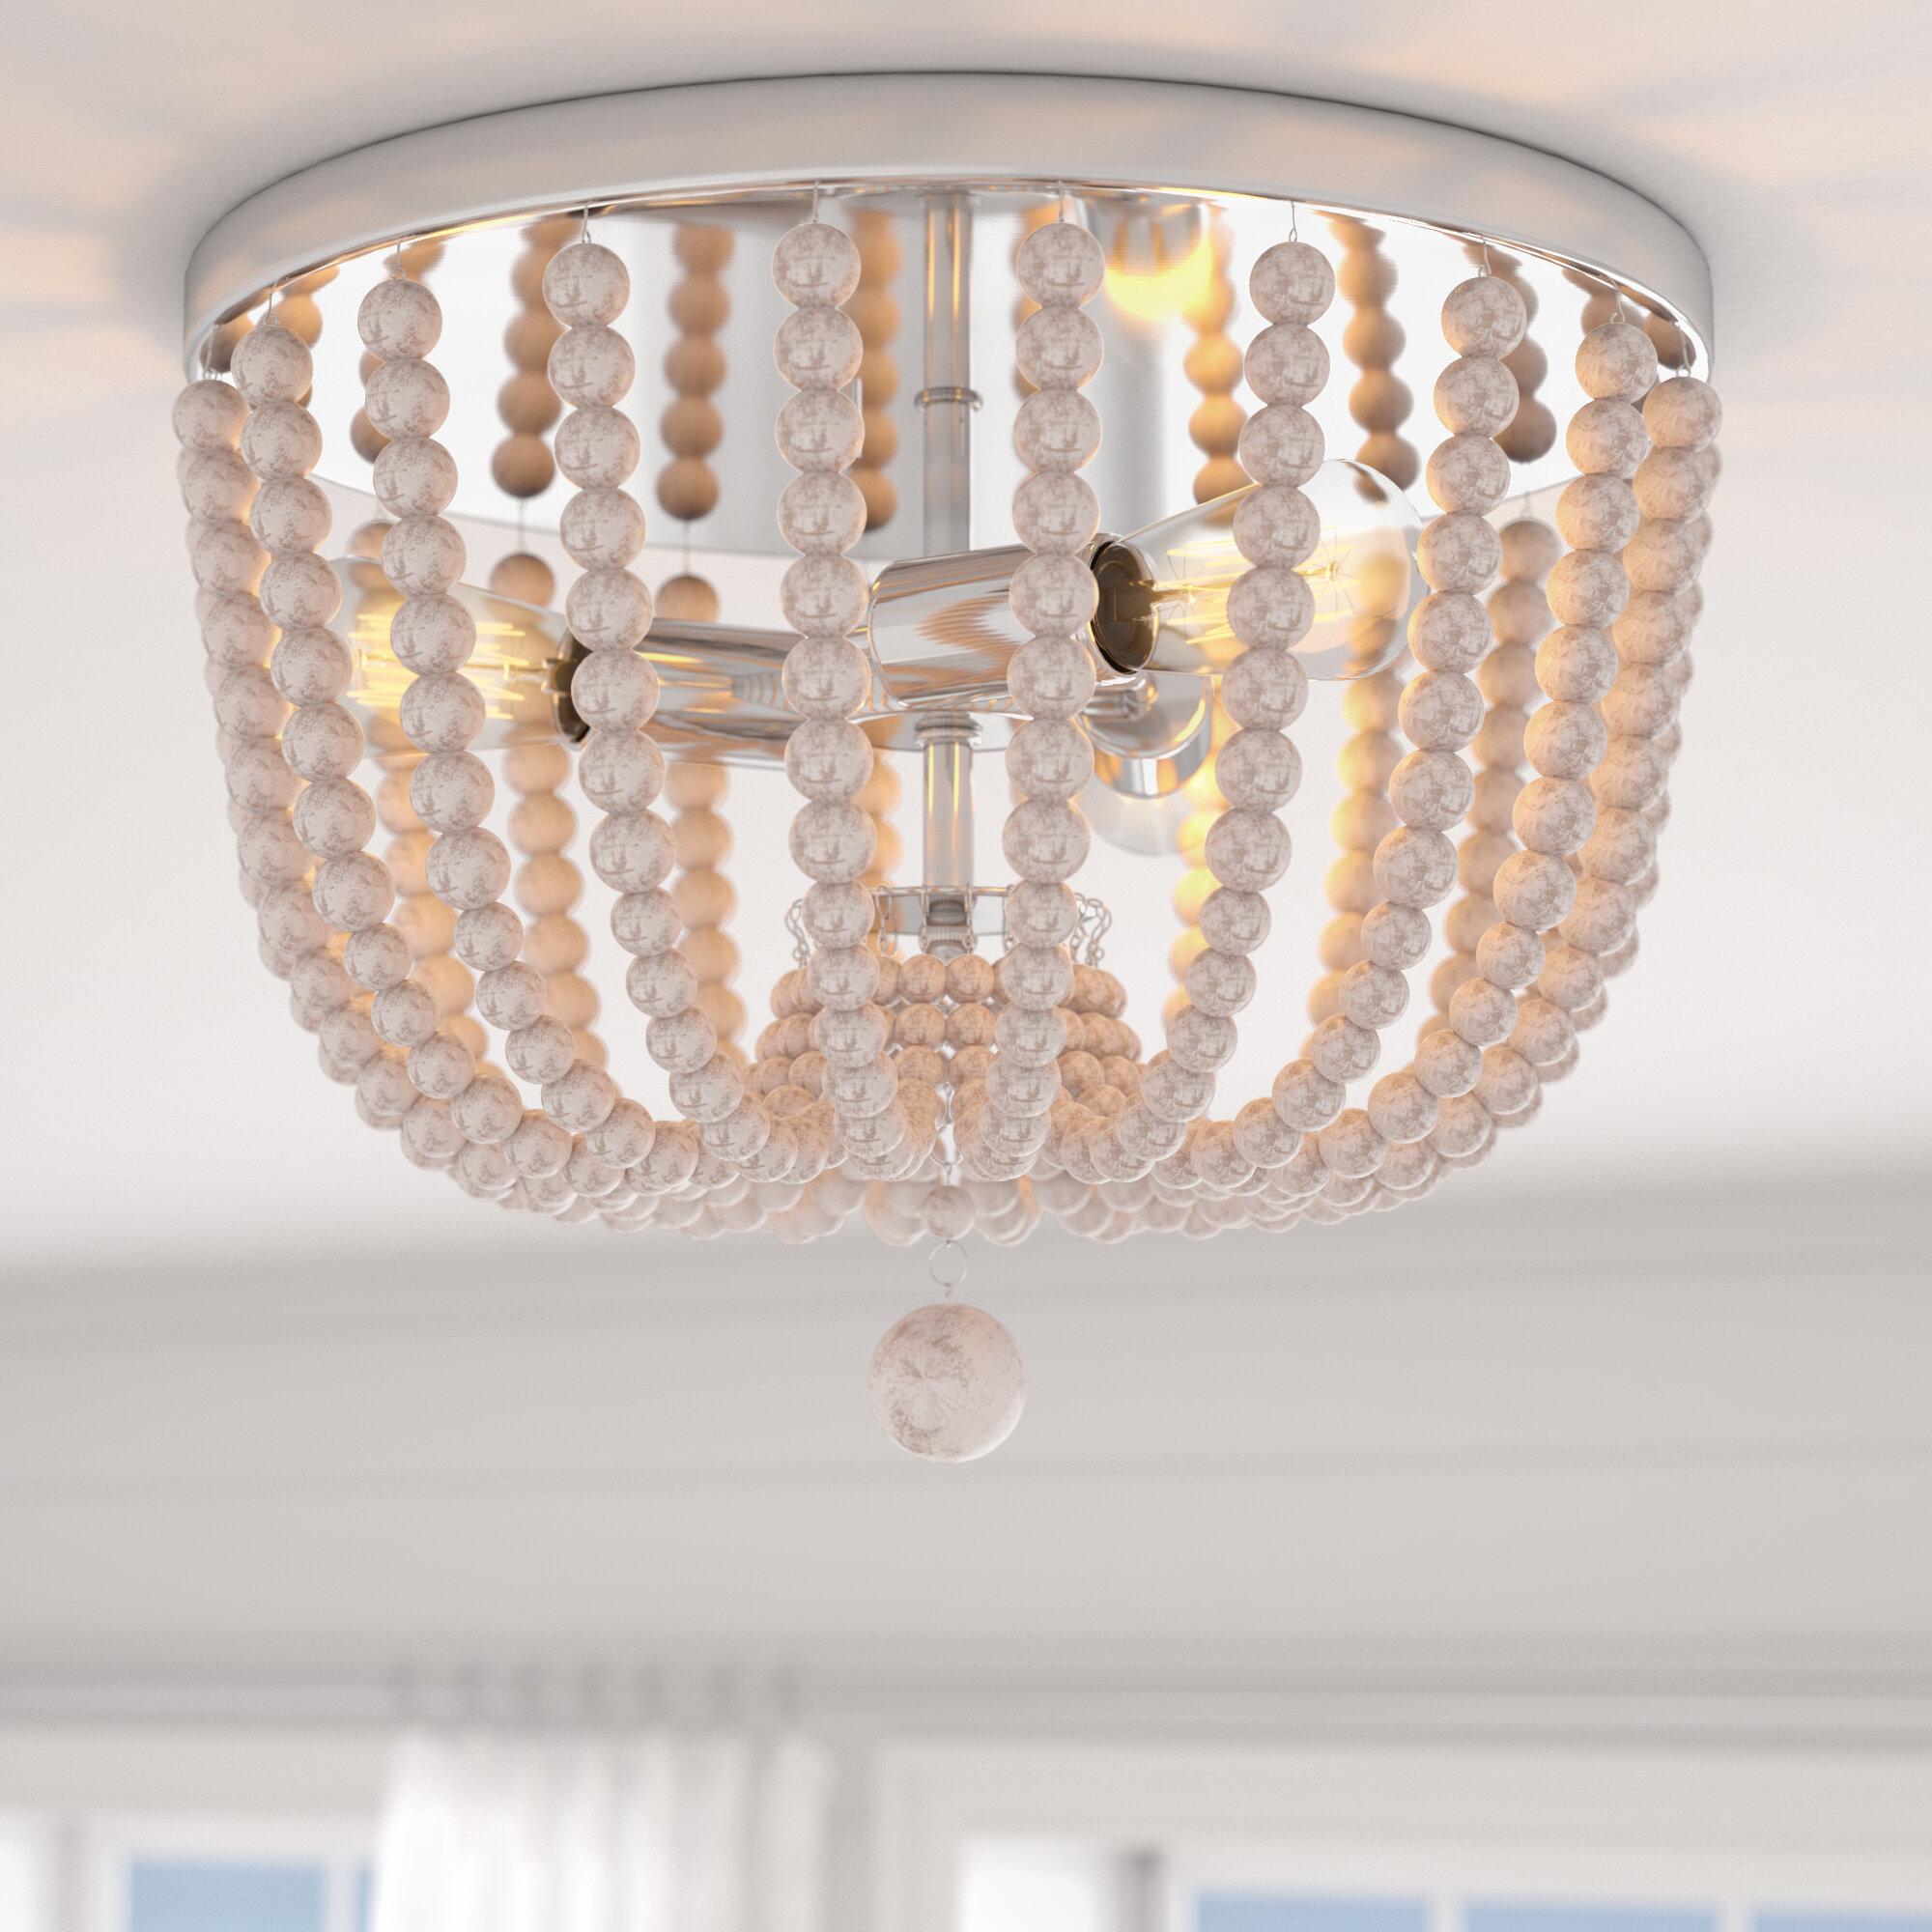 Beachcrest Home Tilden 3 Light 40 1cm Flush Mount Reviews Wayfair Co Uk